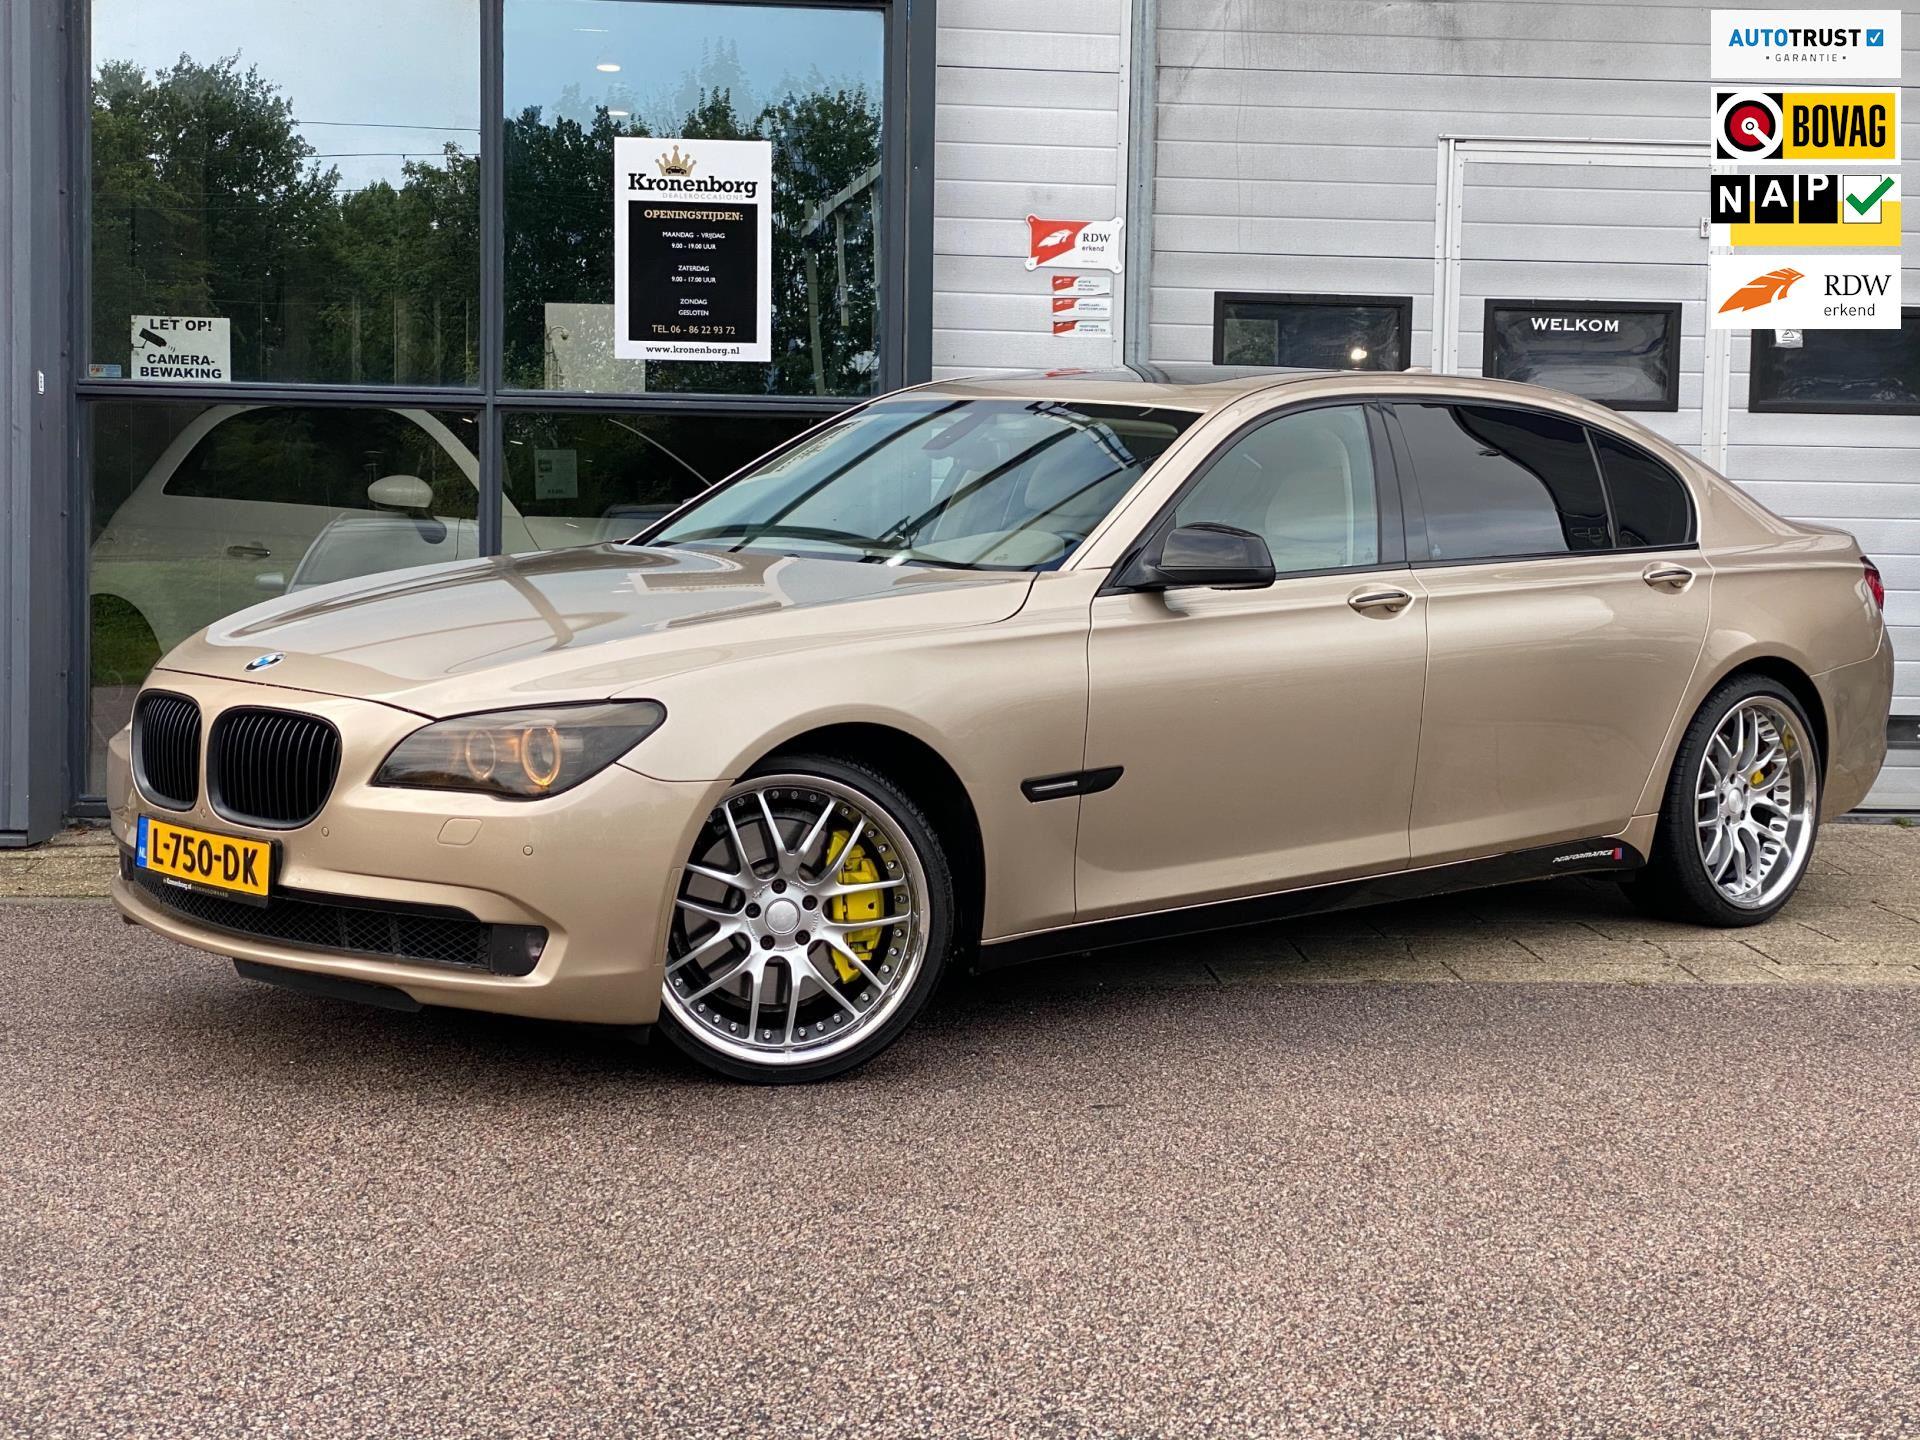 BMW 7-serie occasion - Kronenborg